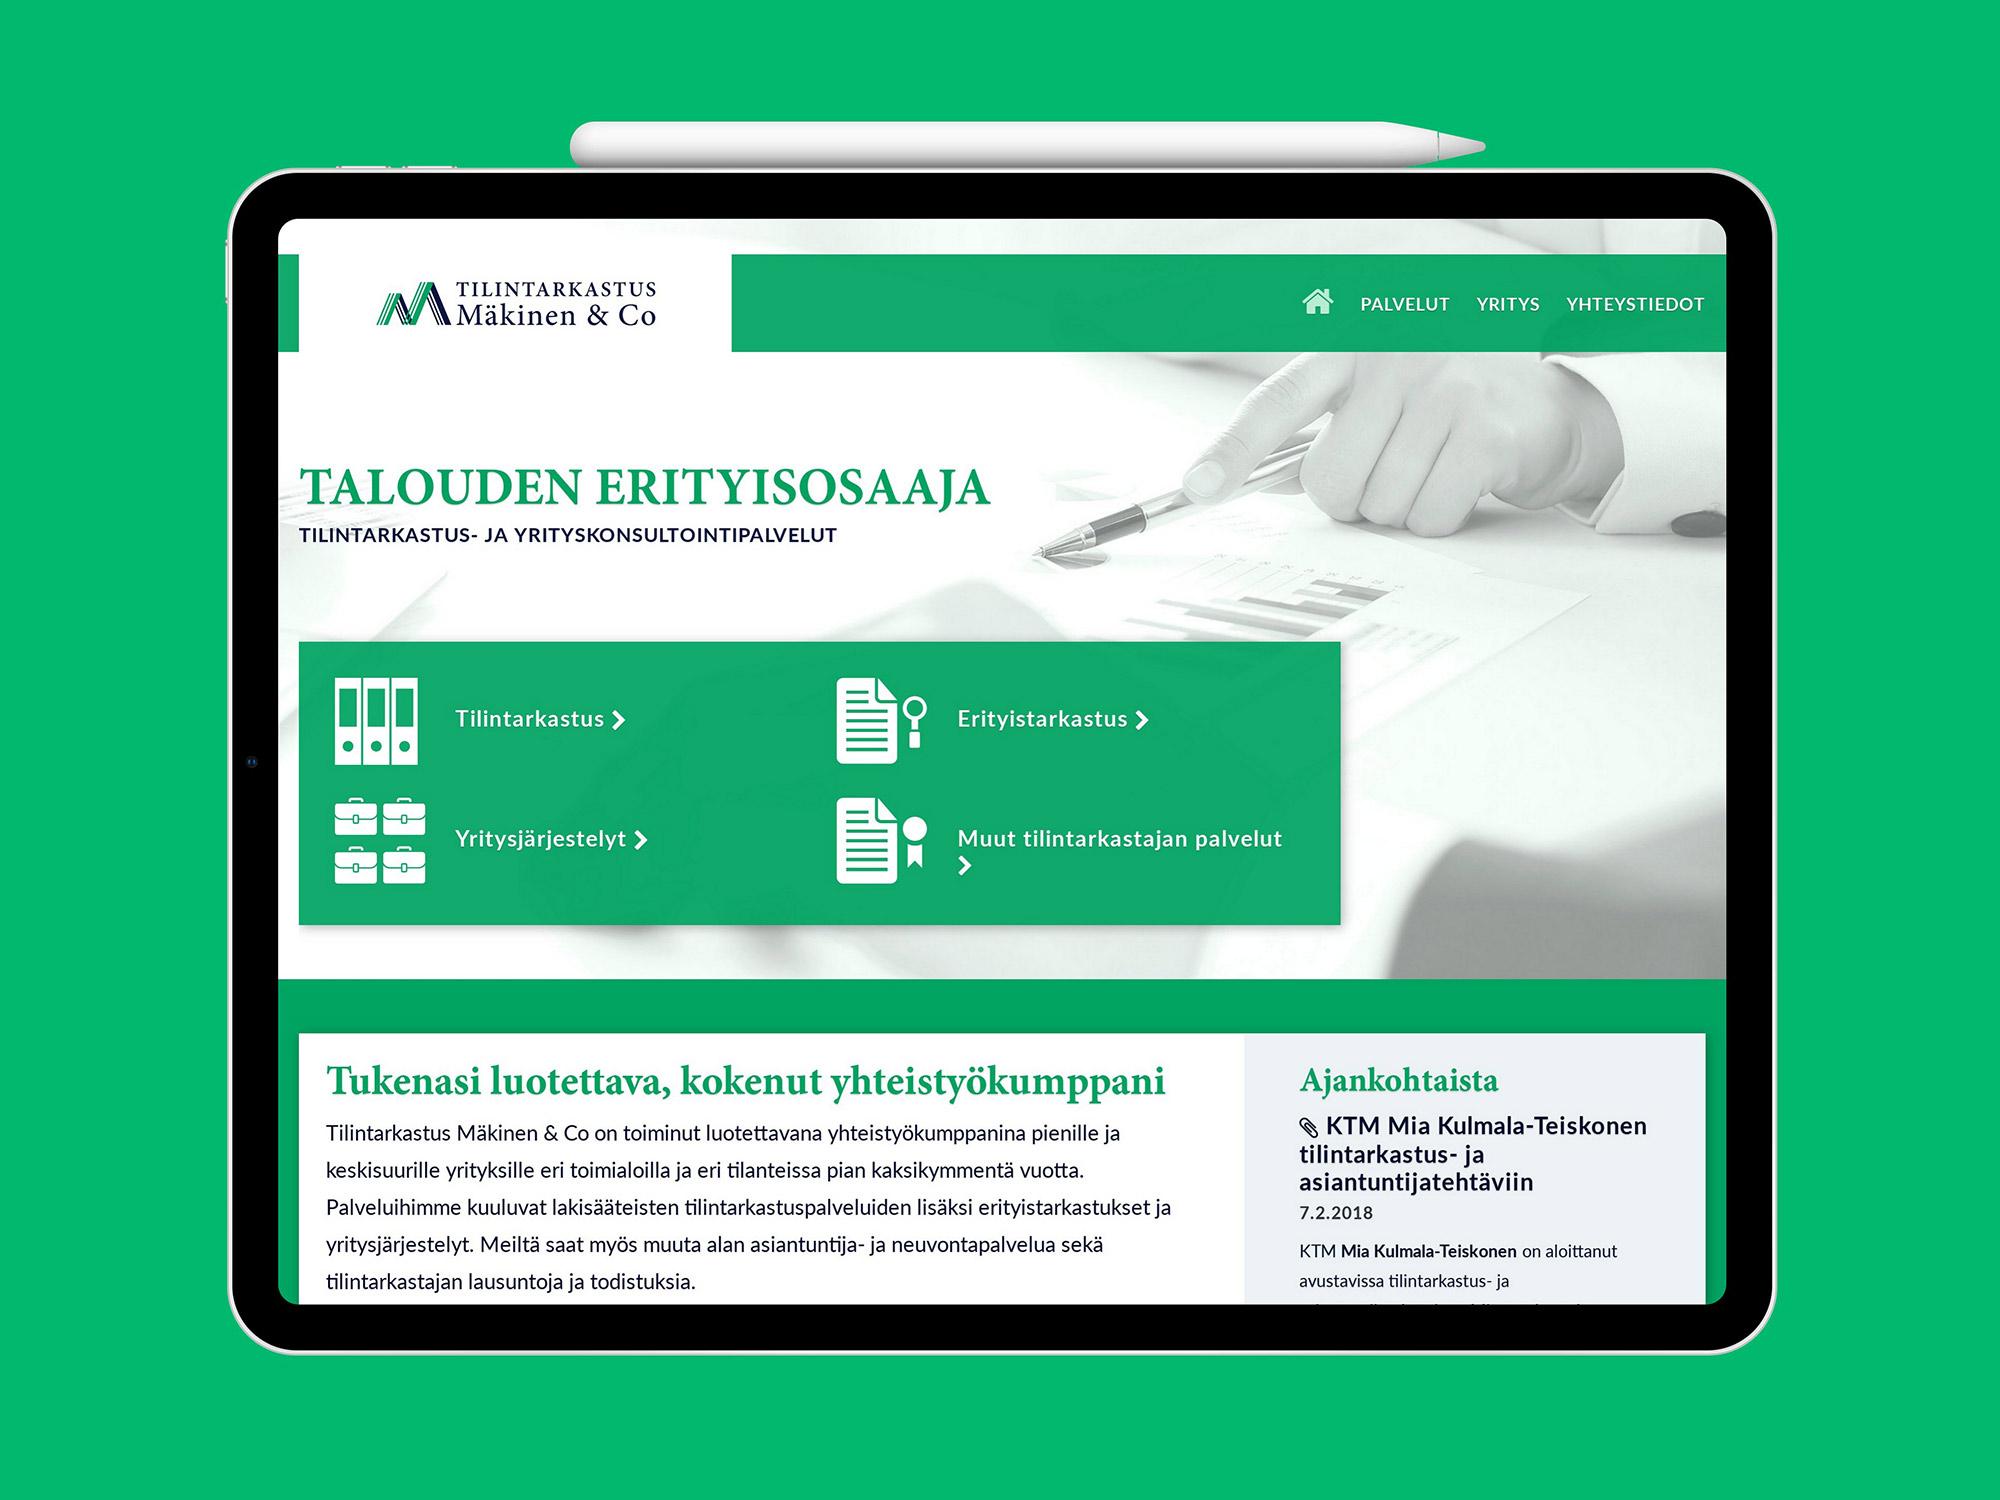 Nettisivut Tilintarkastus Mäkinen & Co:lle.